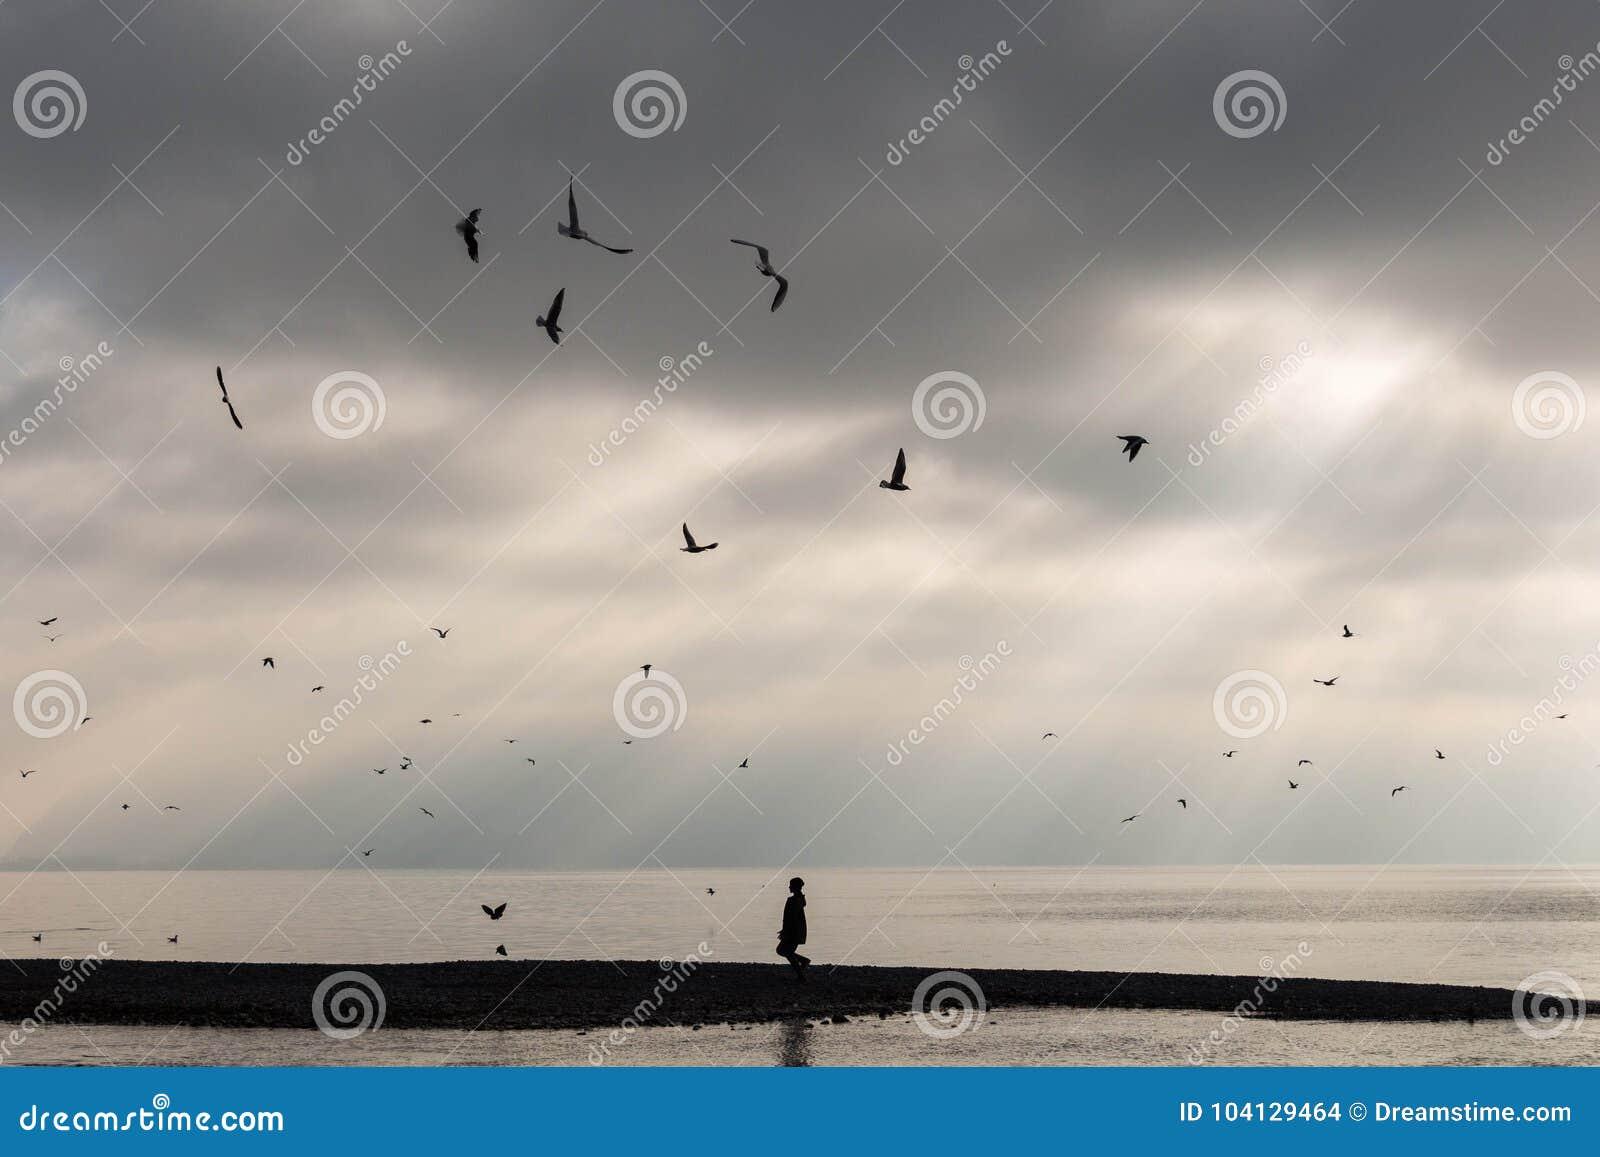 Desertera stranden på solnedgång med den ensamma främlingen och fåglar